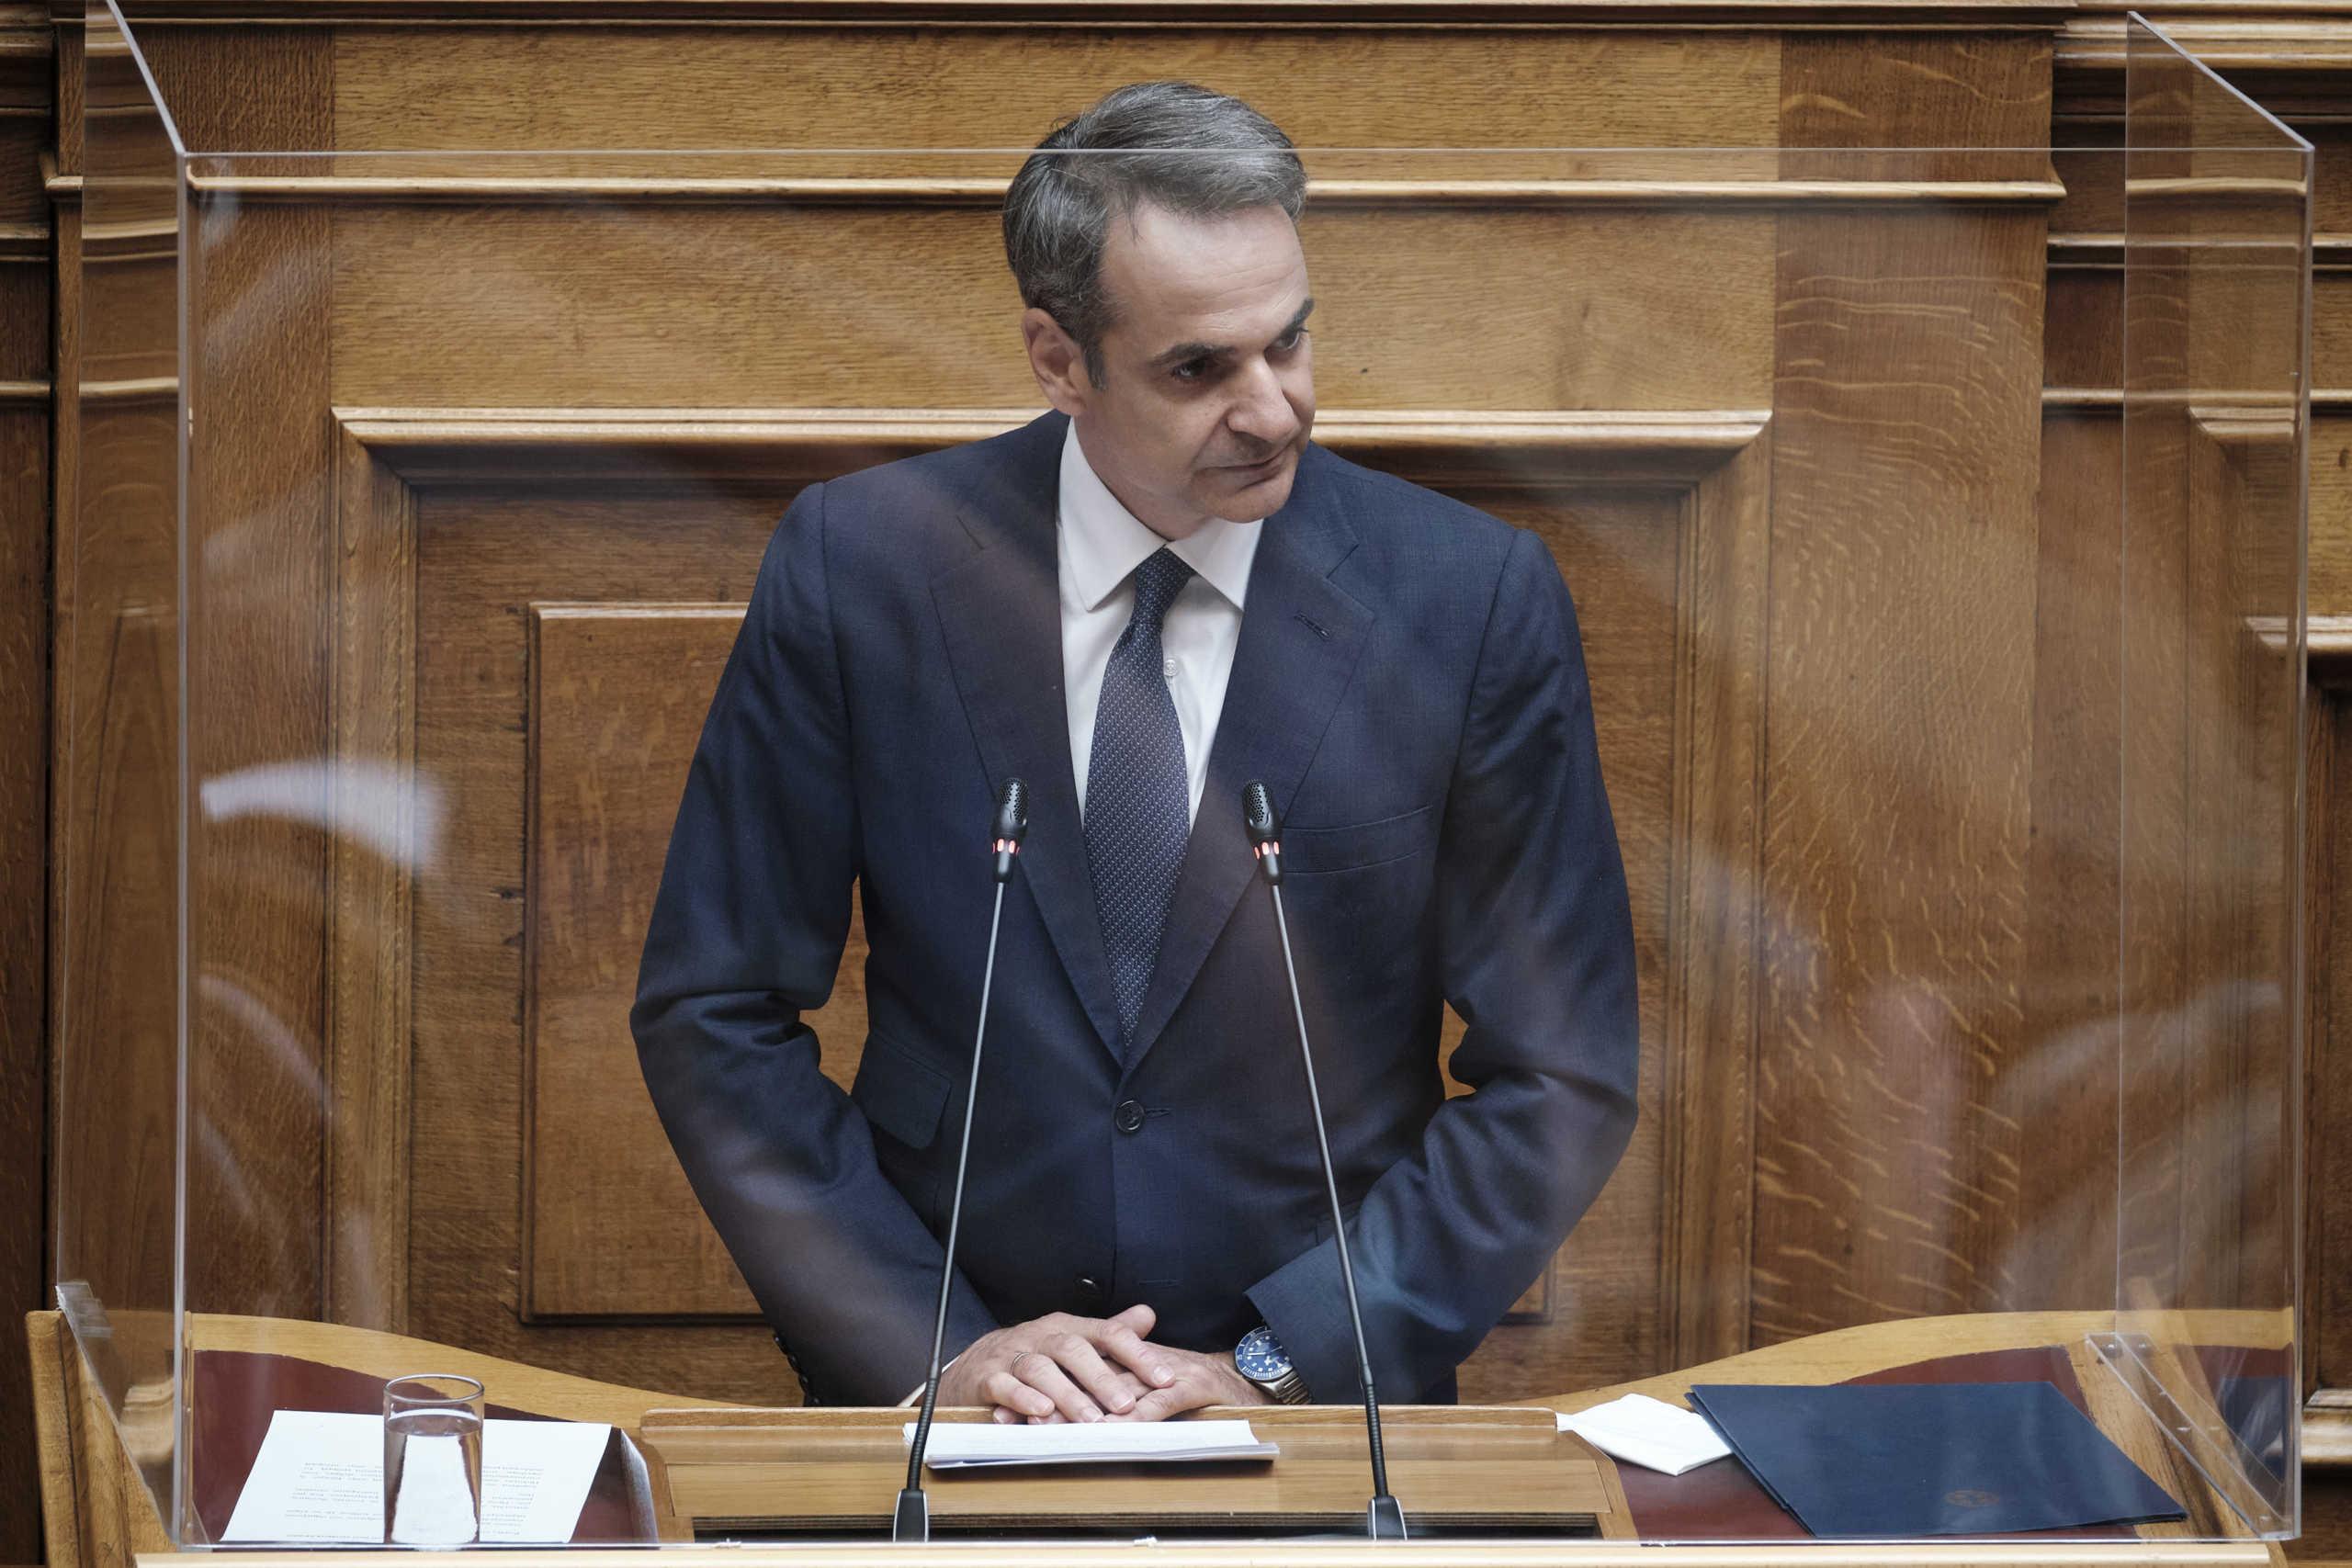 Μητσοτάκης: «Η Ελλάδα μεγαλώνει! Επεκτείνει την αιγιαλίτιδα ζώνη στο Ιόνιο  στα 12 μίλια!»